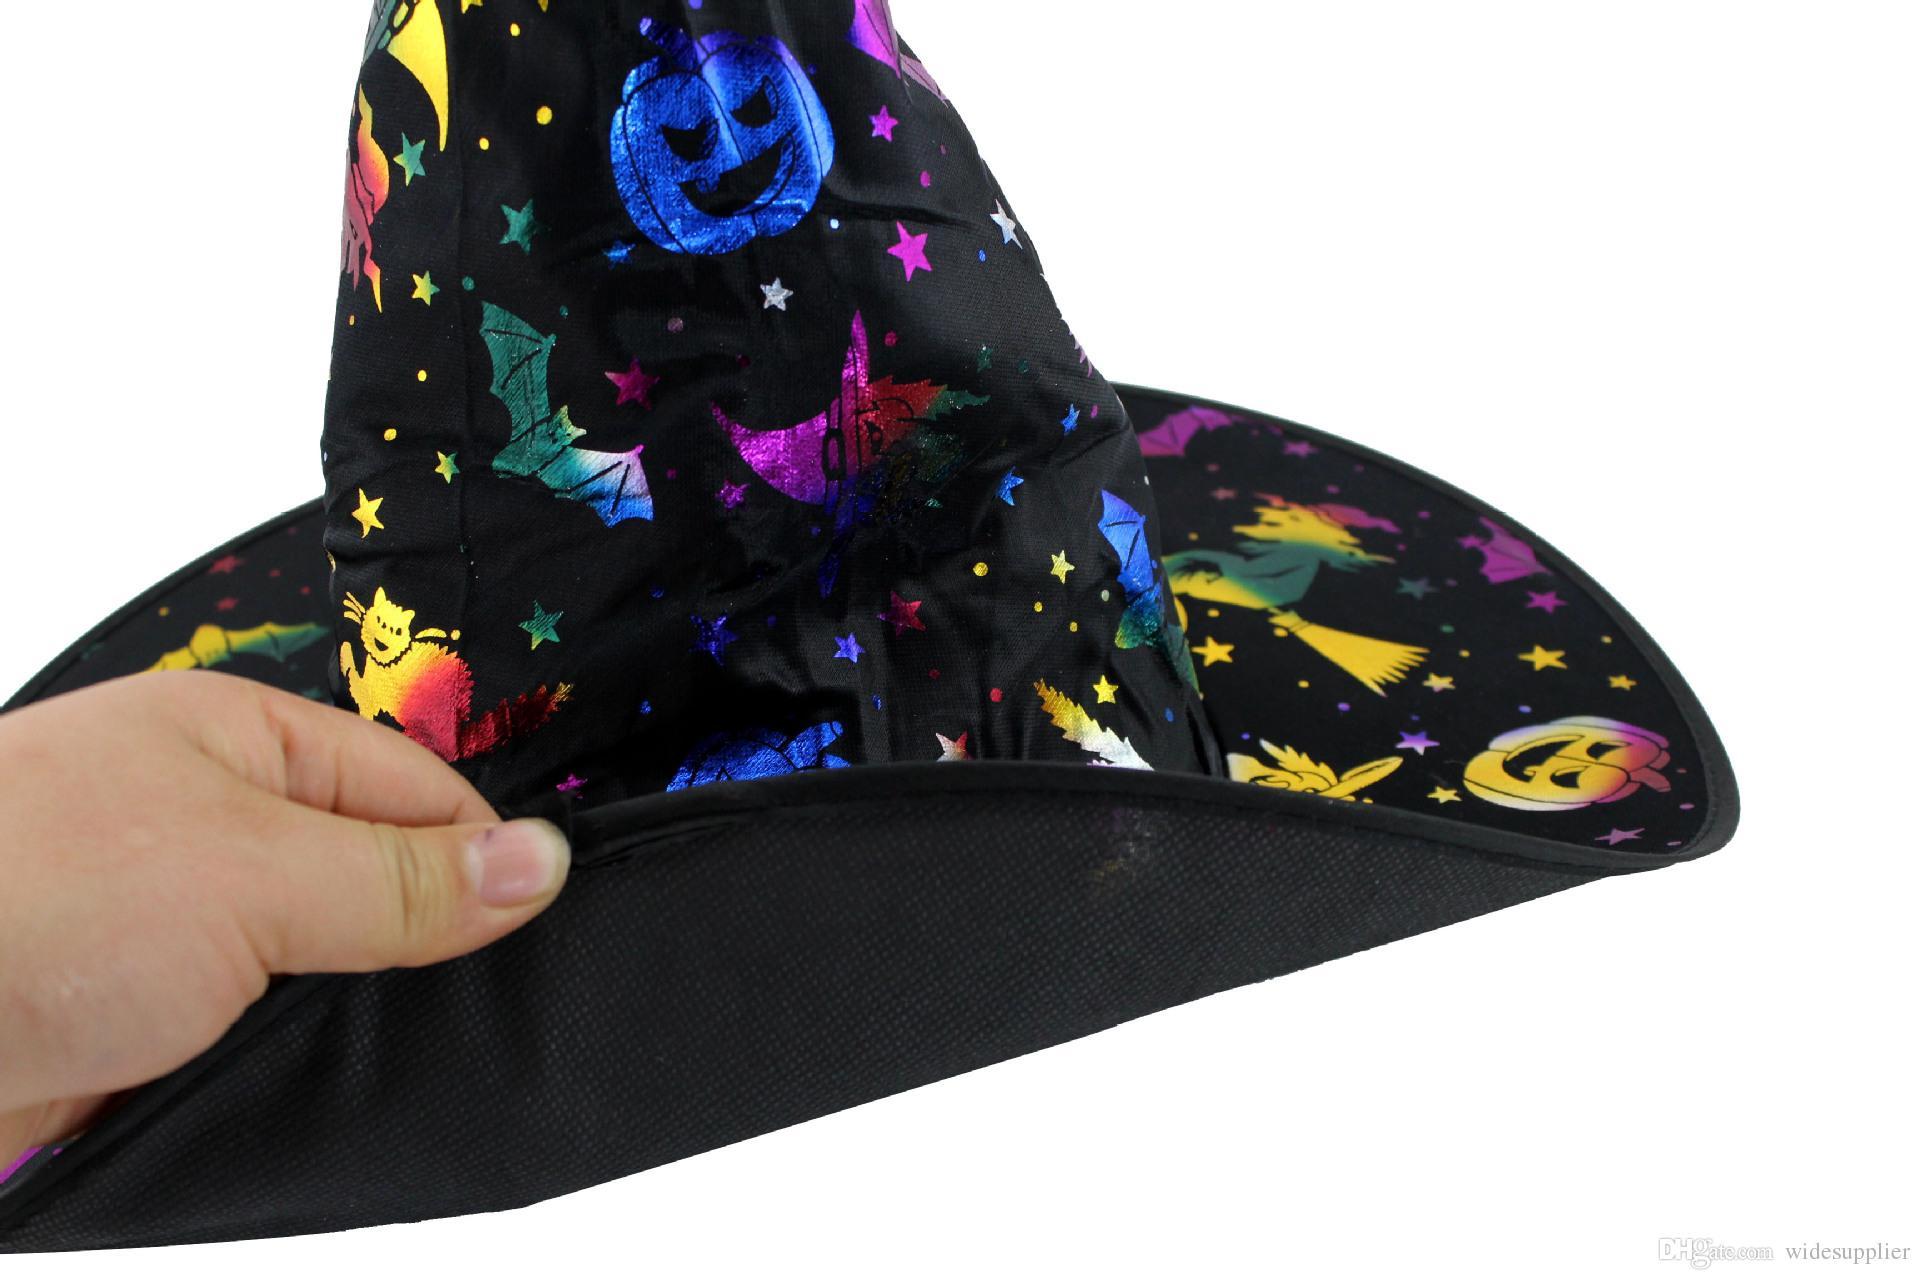 Костюм для костюма Хэллоуин Костюм для макияжа Костюм Великолепная ведьма Шляпа Хана Ведьма Горячая Золотая Шапка для взрослых Противодействие мастера Волшебники Шляпа